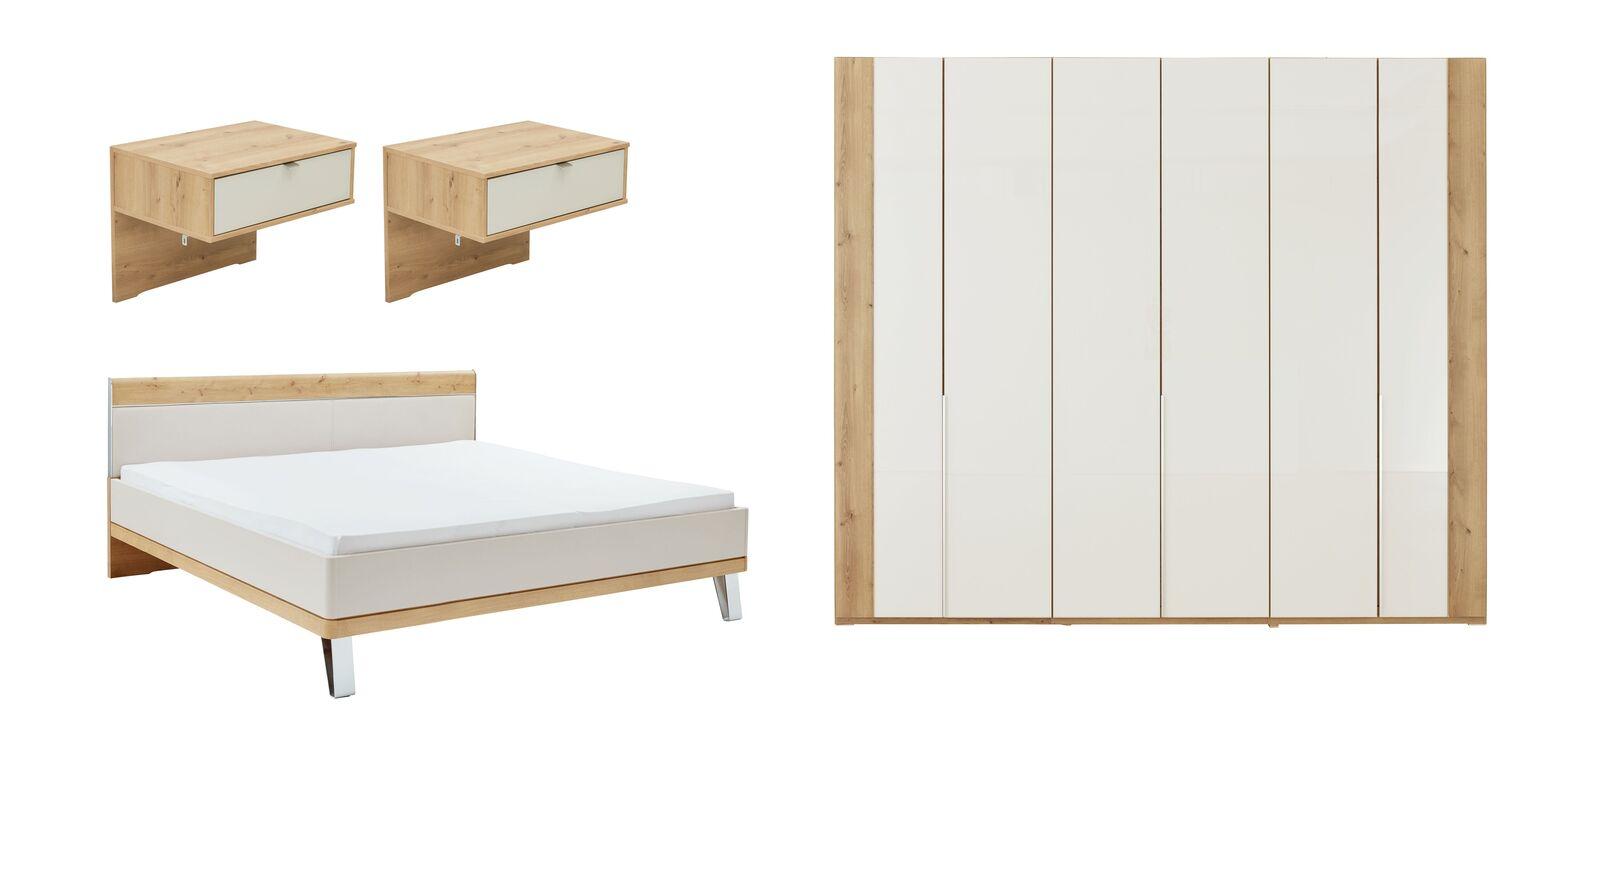 INTERLIVING Schlafzimmer 1017 in Variante 04